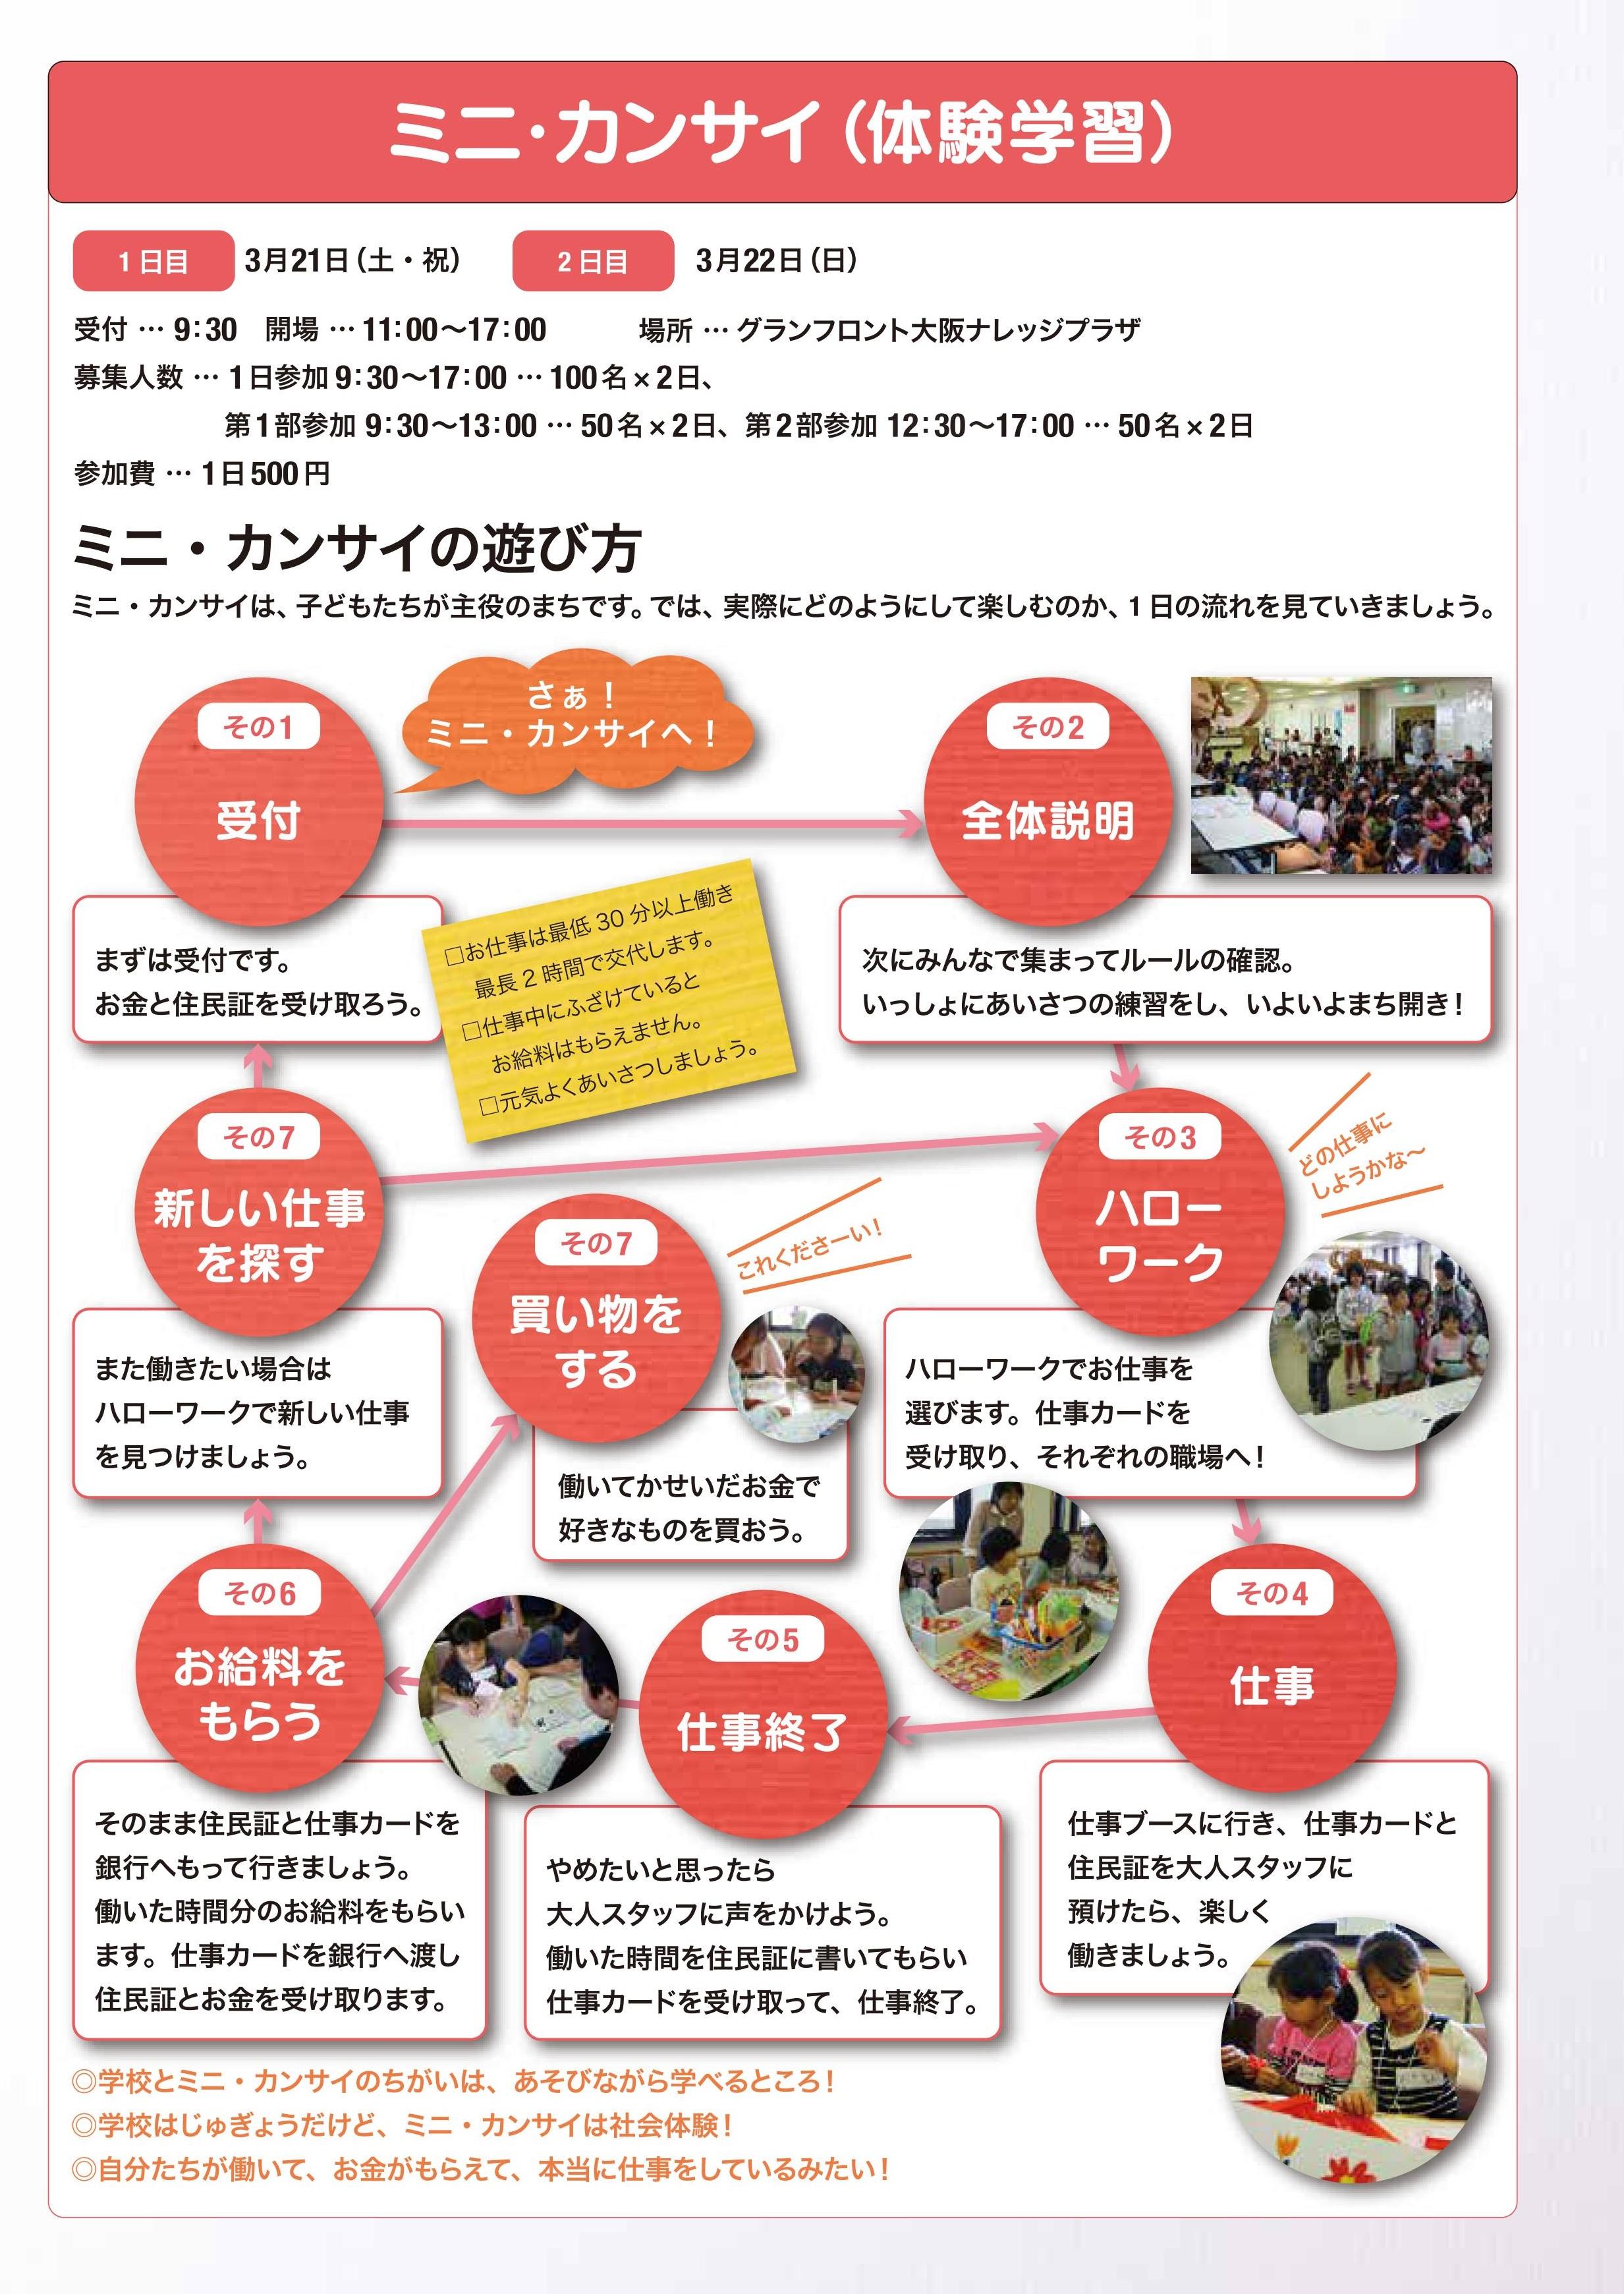 http://www.cobon.jp/news/150203%E3%83%9F%E3%83%8B%E3%82%AB%E3%83%B3%E3%82%B5%E3%82%A4%20%E3%83%AA%E3%83%BC%E3%83%9503.jpg